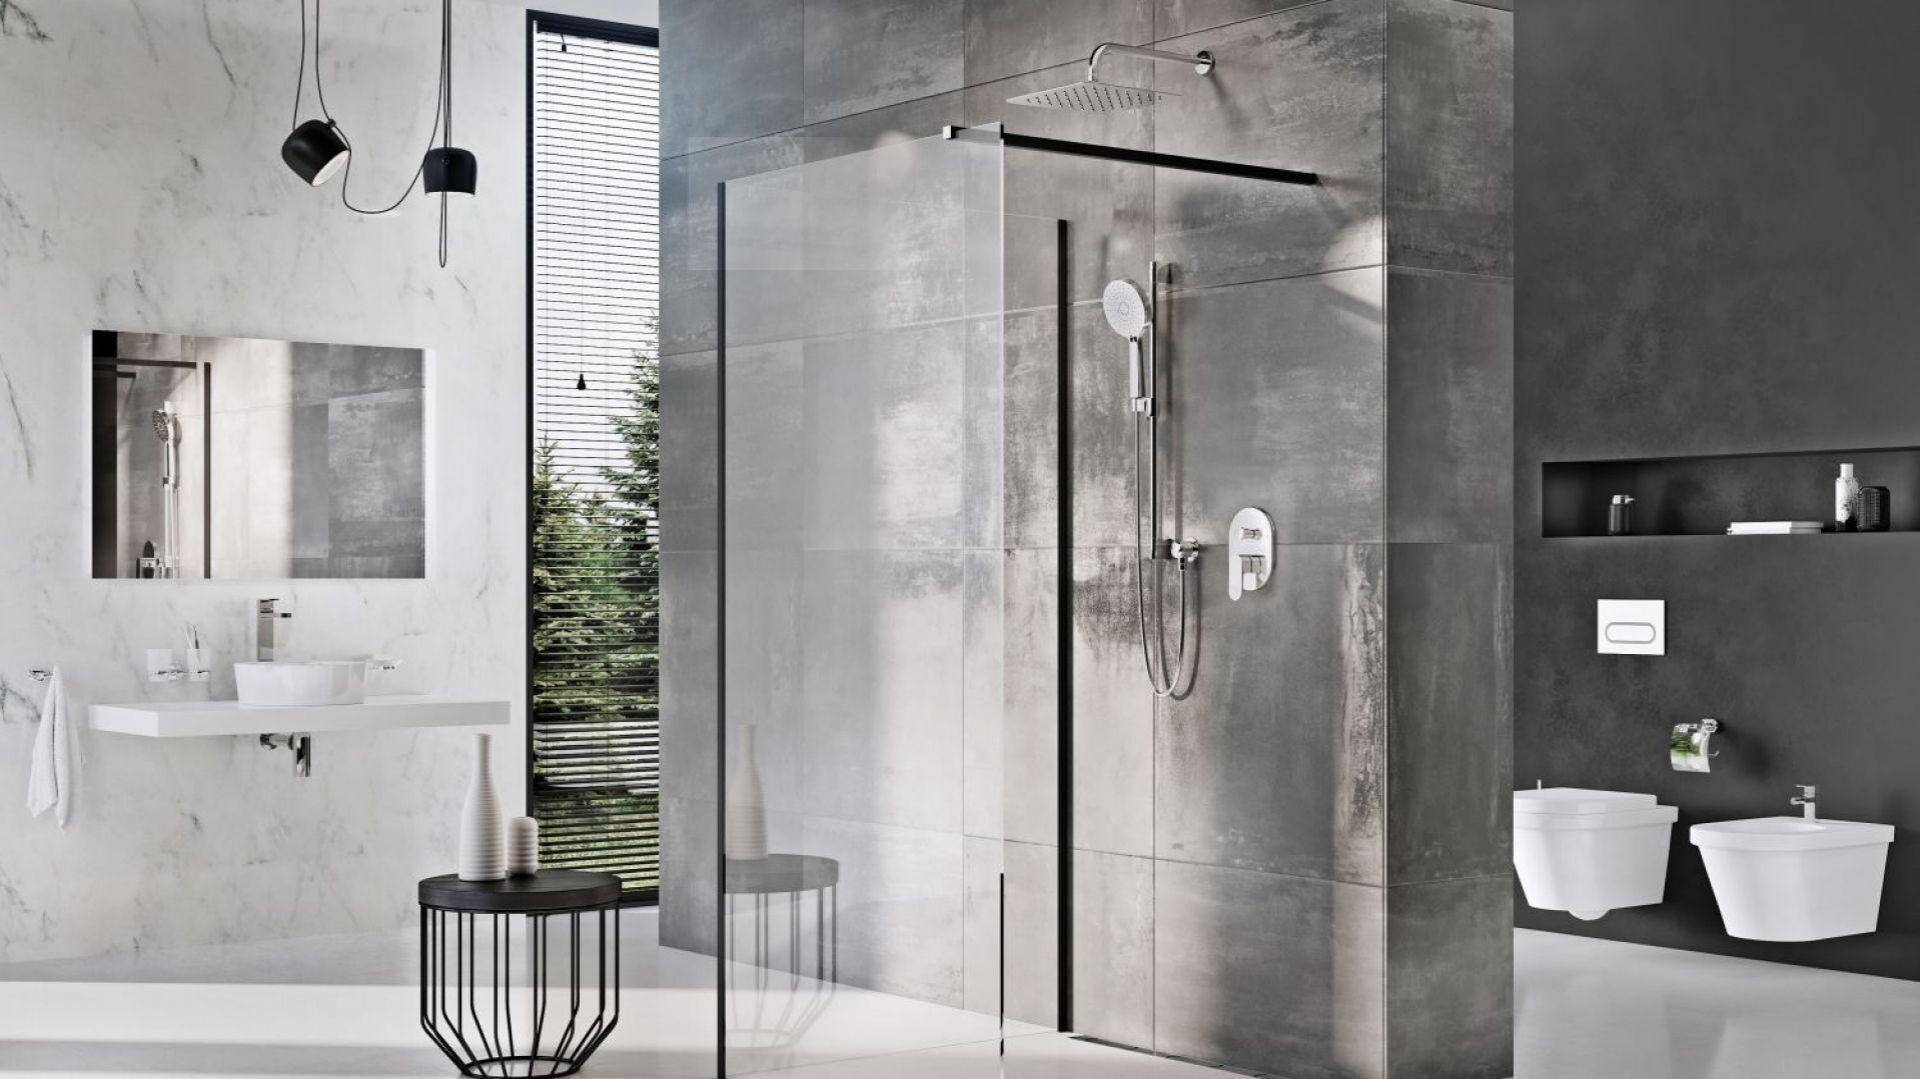 Kabina prysznicowa Walk-In Corner z profilami i wspornikami w czarnym wykonaniu dostępna jest w ofercie firmy Ravak. Fot. Ravak